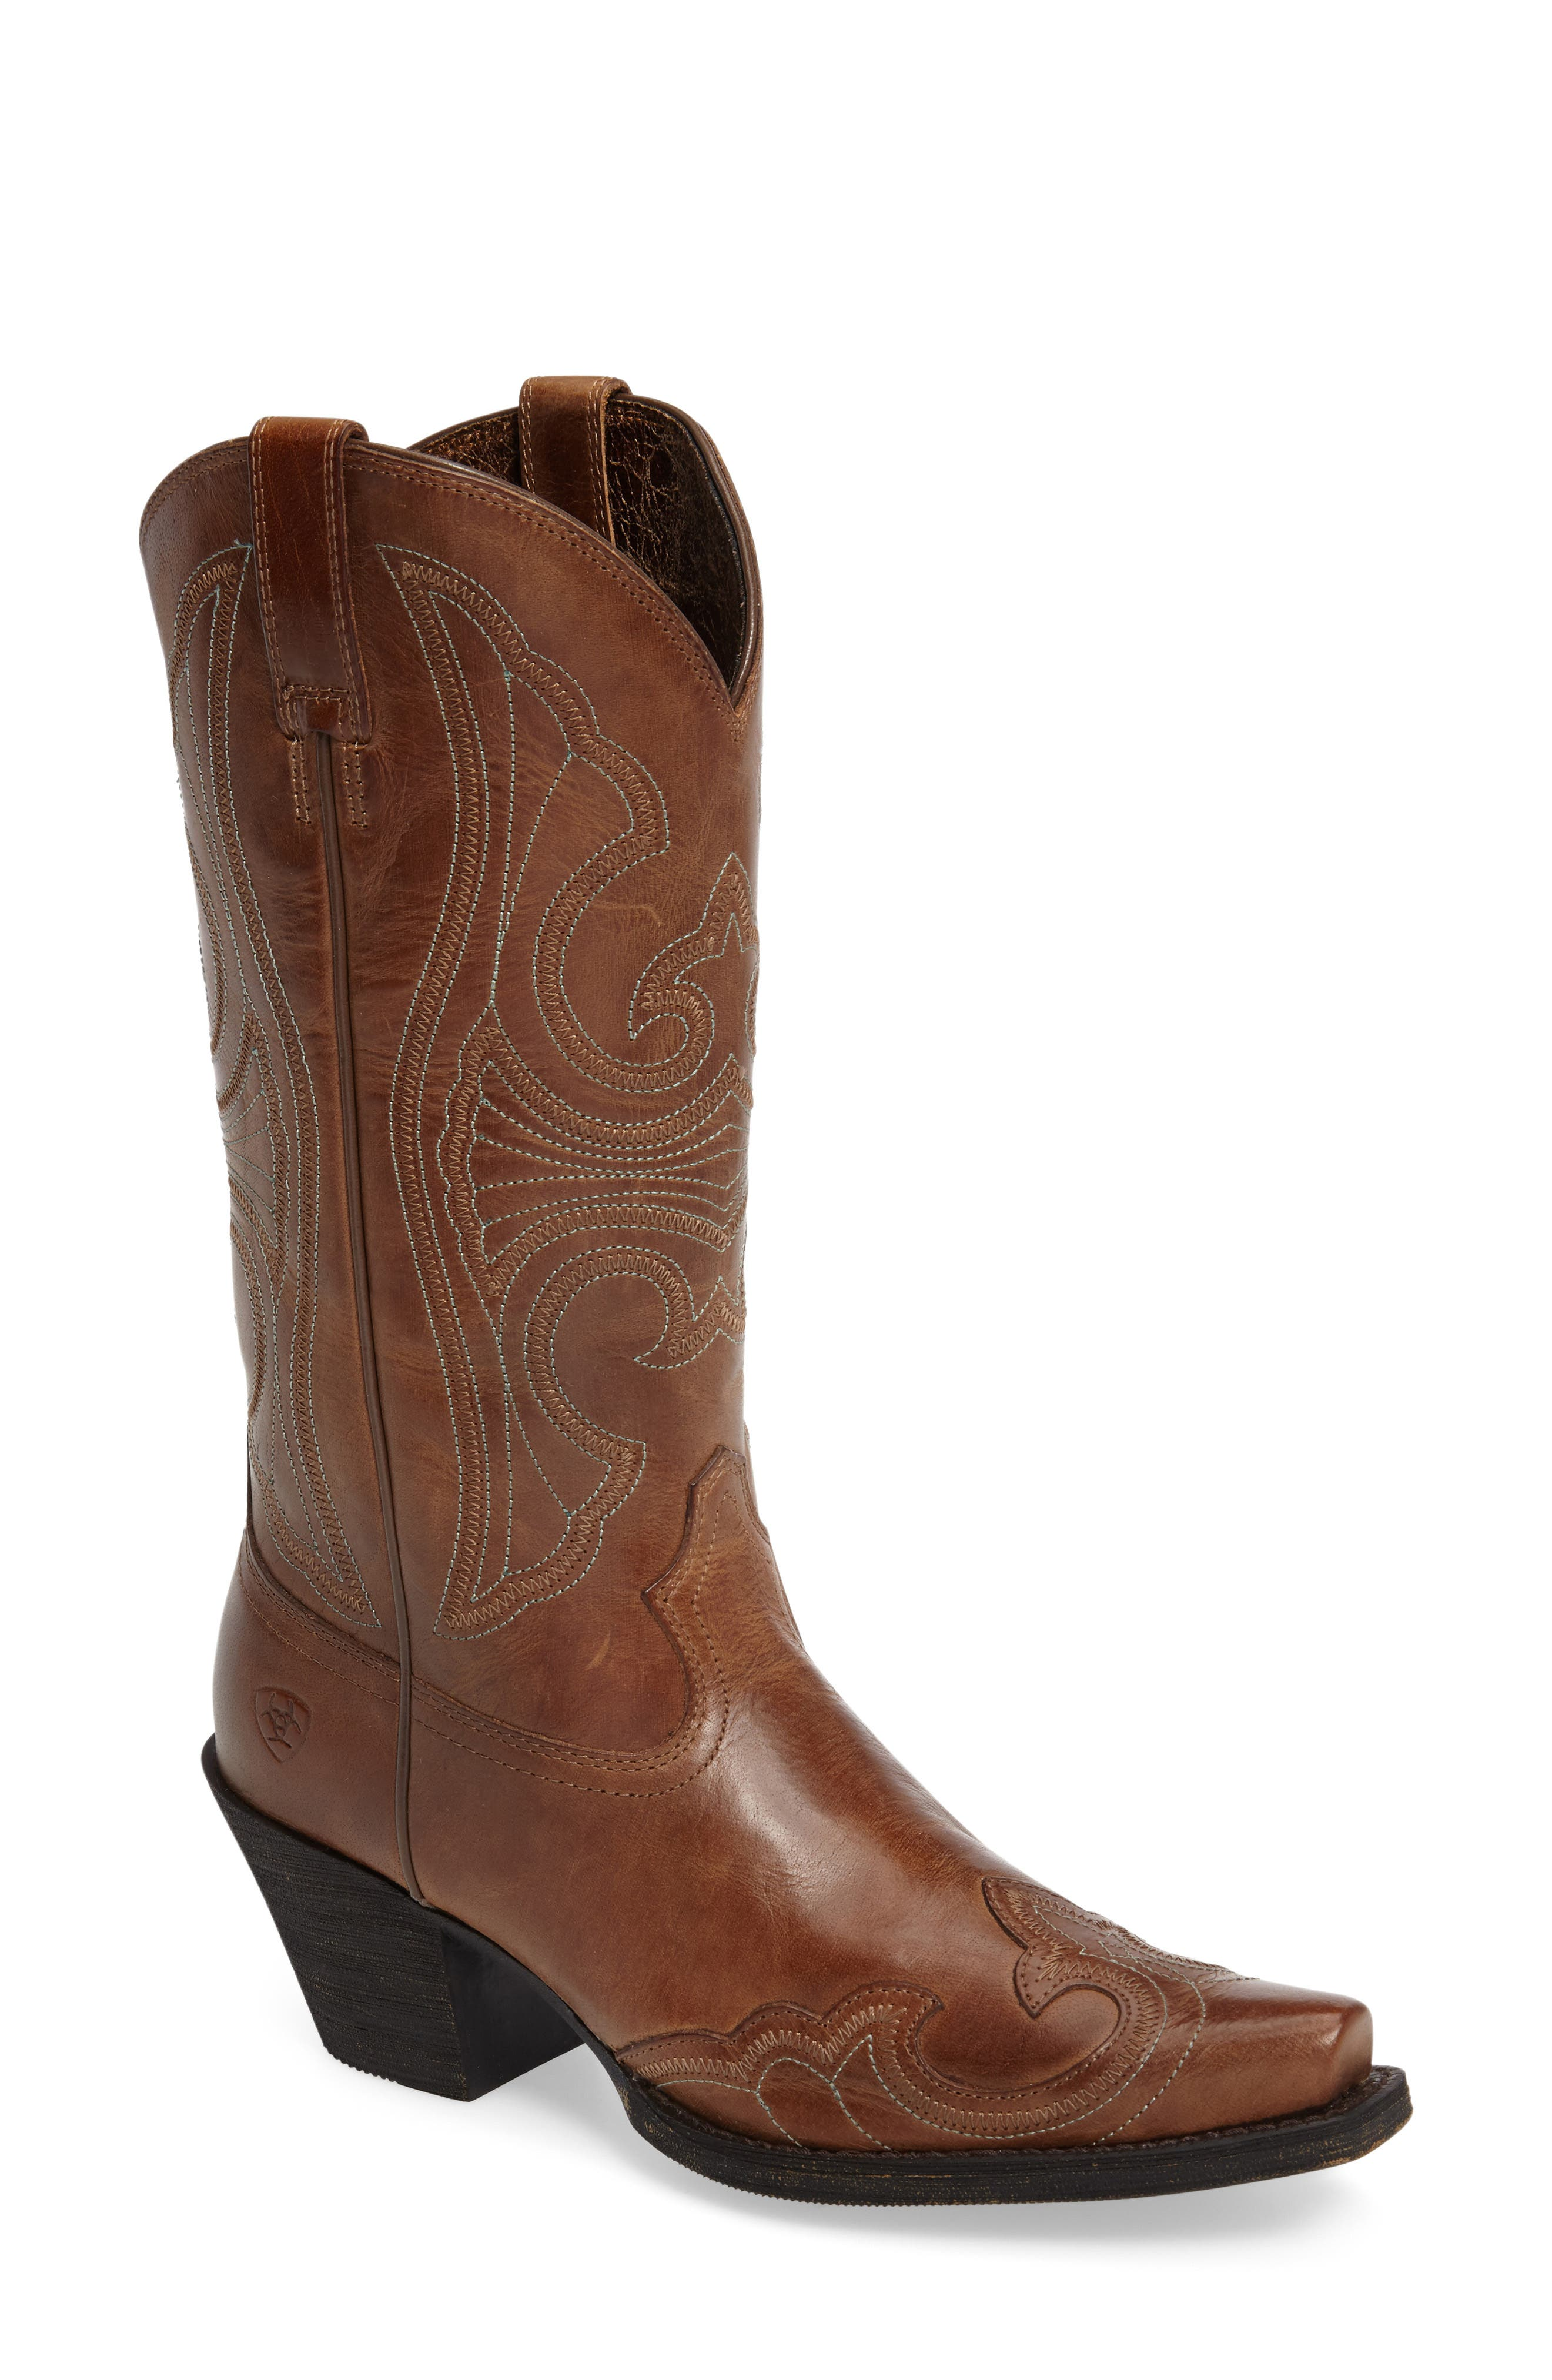 41c9058de96 Sale  Women s Boots   Booties